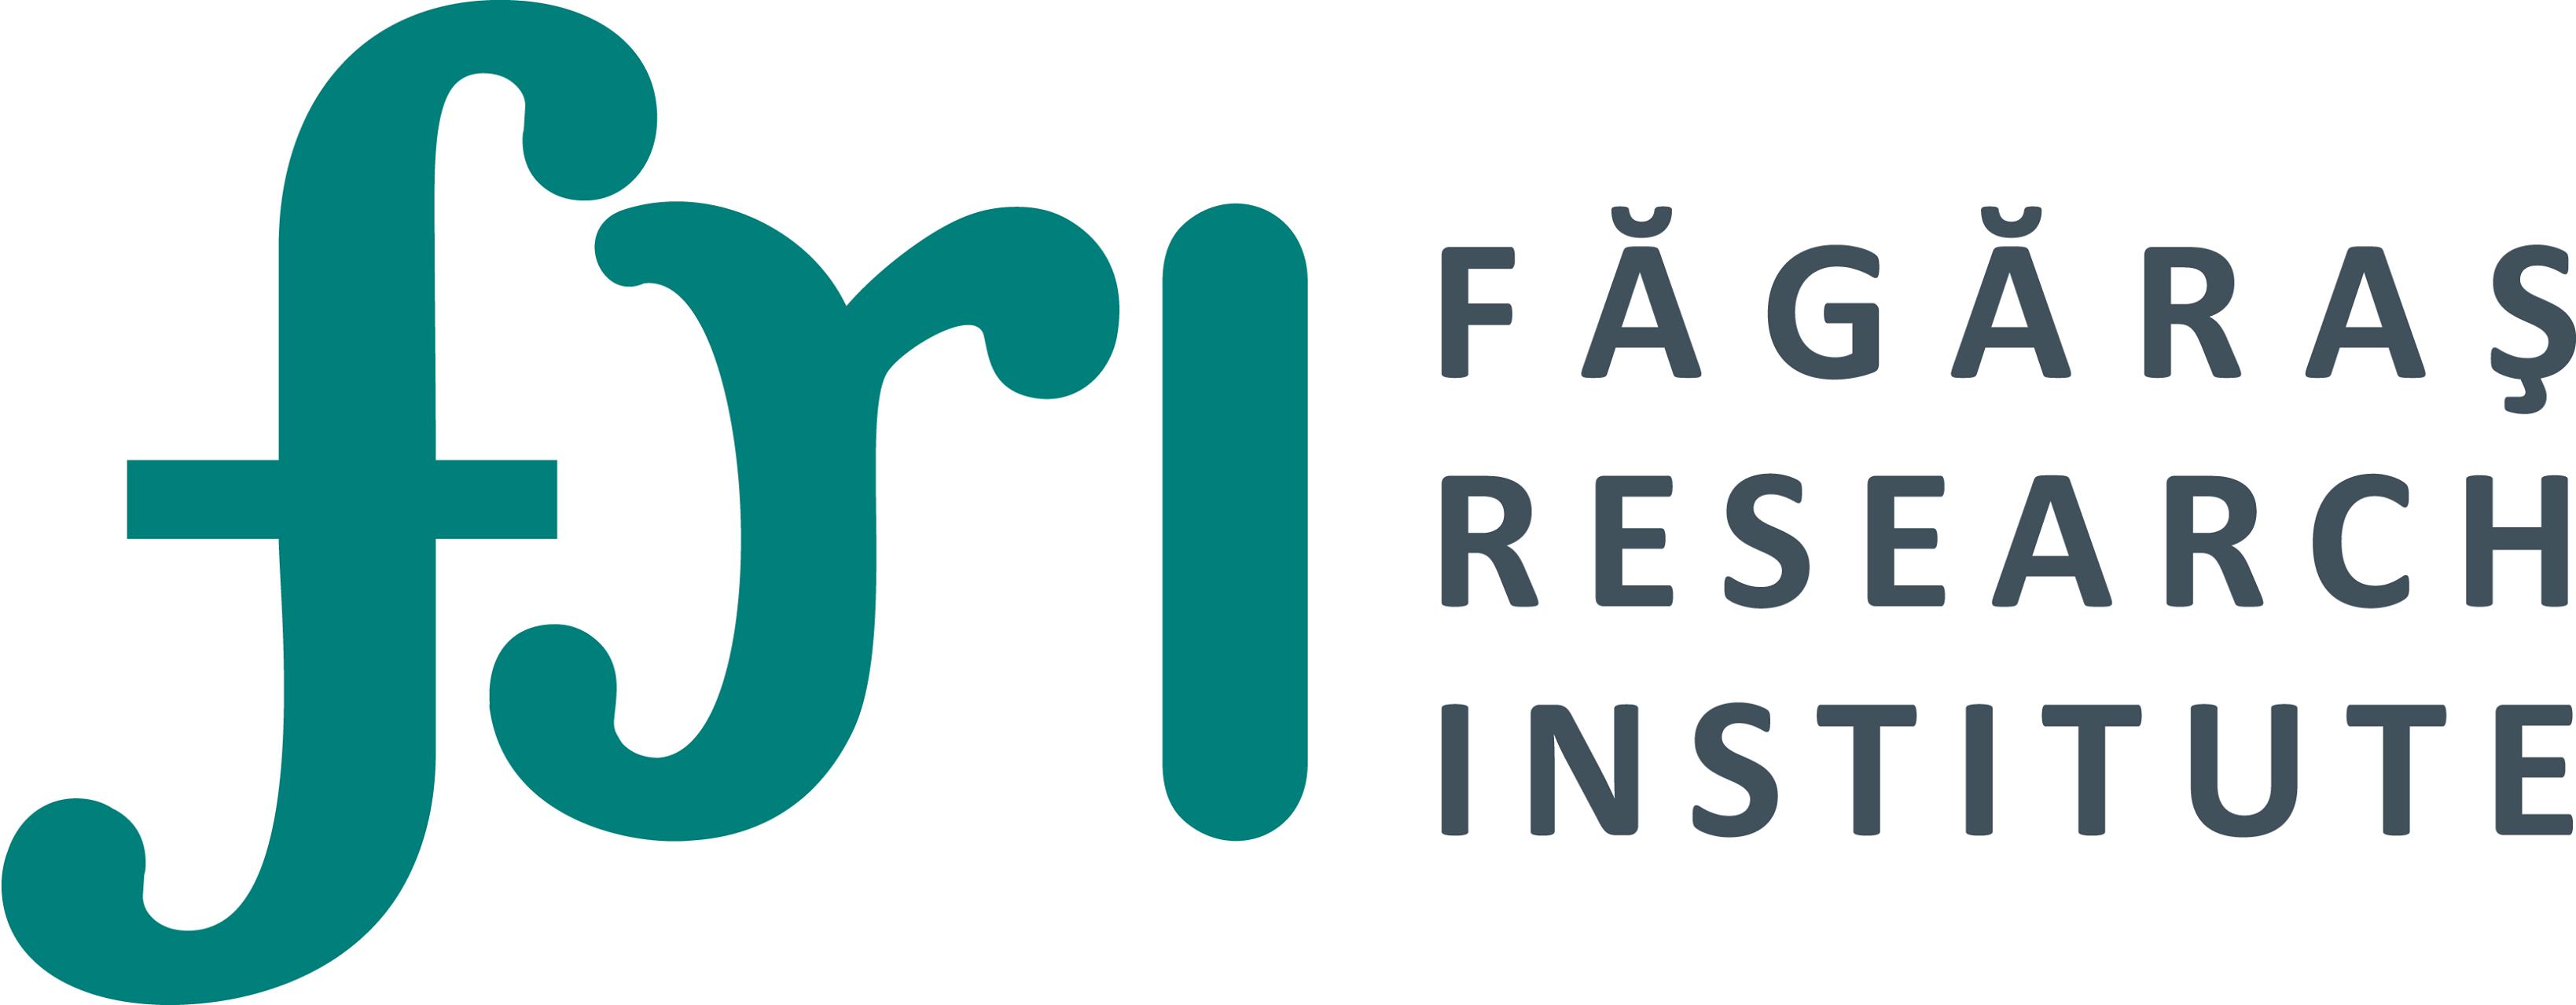 Institutul de Cercetare Făgăraș deschide înscrierile pentru Clubul de Cercetare Făgăraș (Young Researchers' Club)